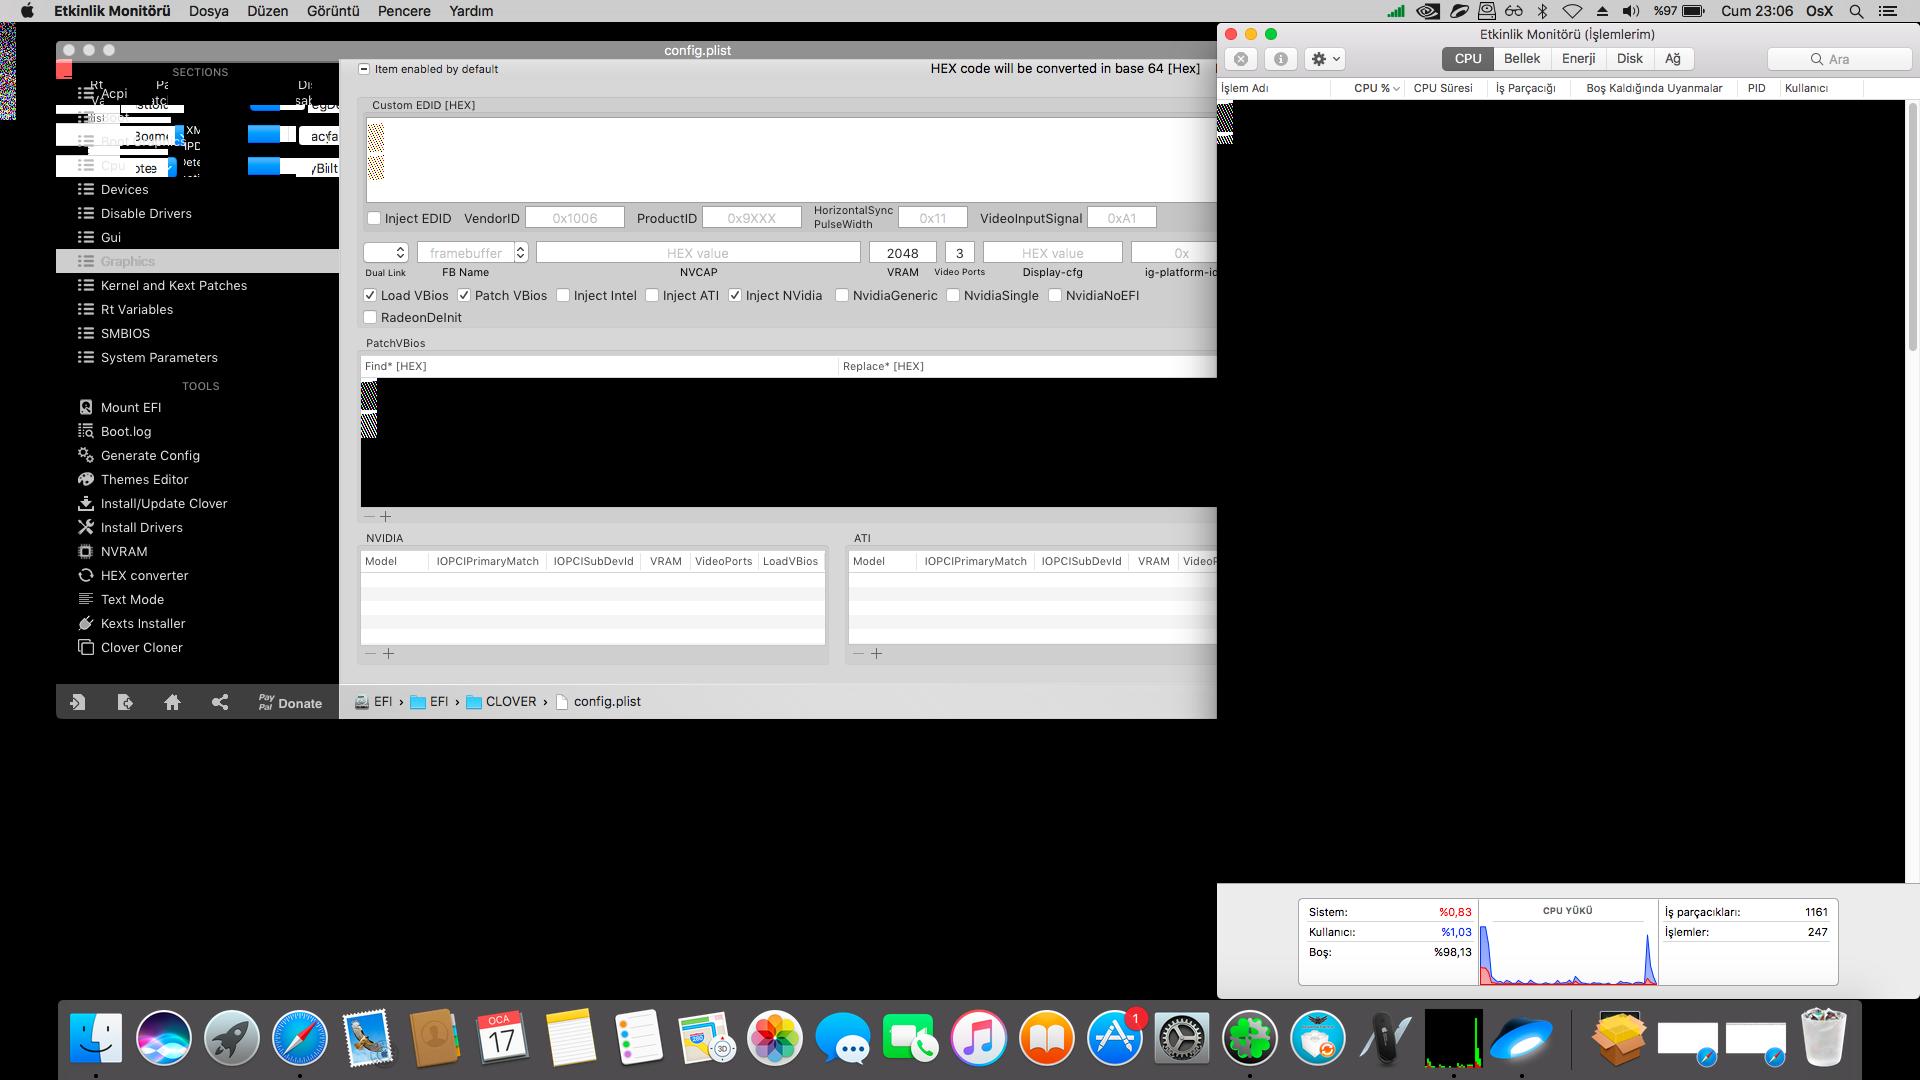 Problemli ekran görüntüsü 02.png